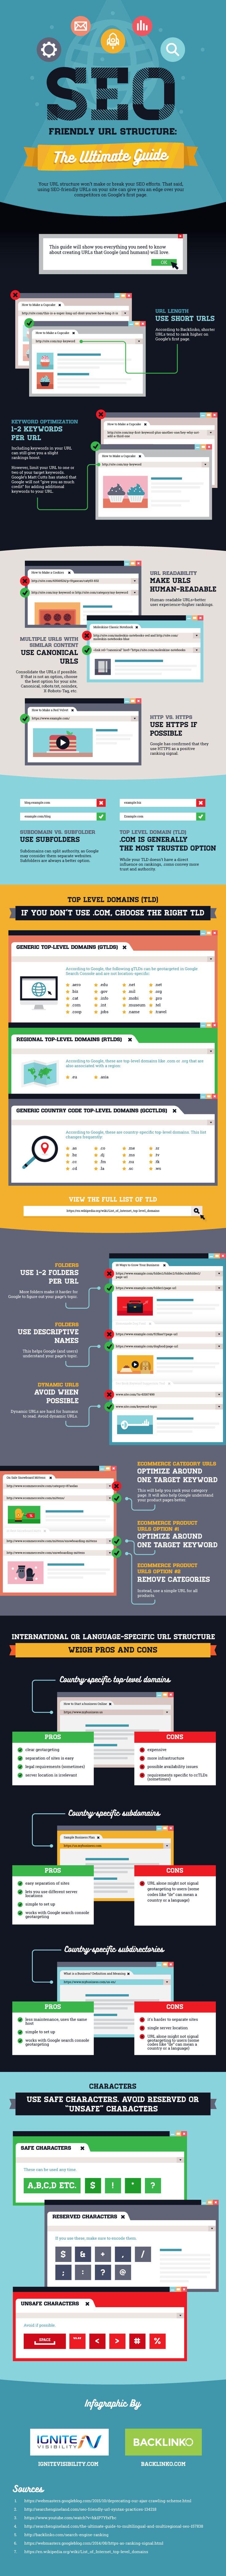 Le guide ultime de l'URL SEO-friendly pour optimiser son référencement naturel, dès le départ. Tout cela en une infographie!